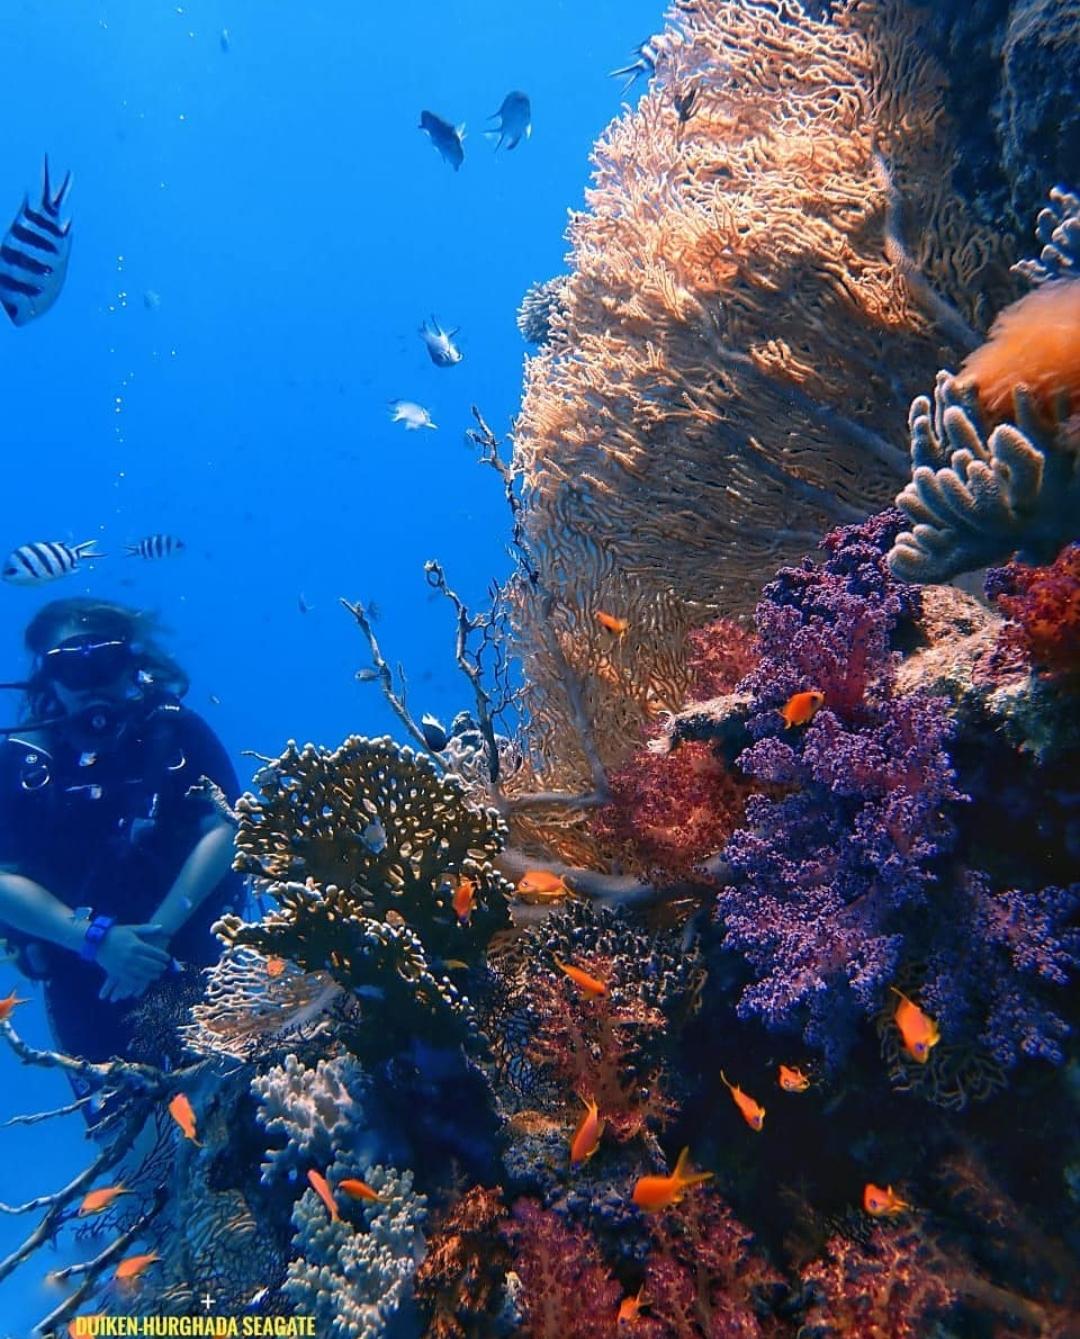 Koraalrif Rode Zee - Duiken Hurghada